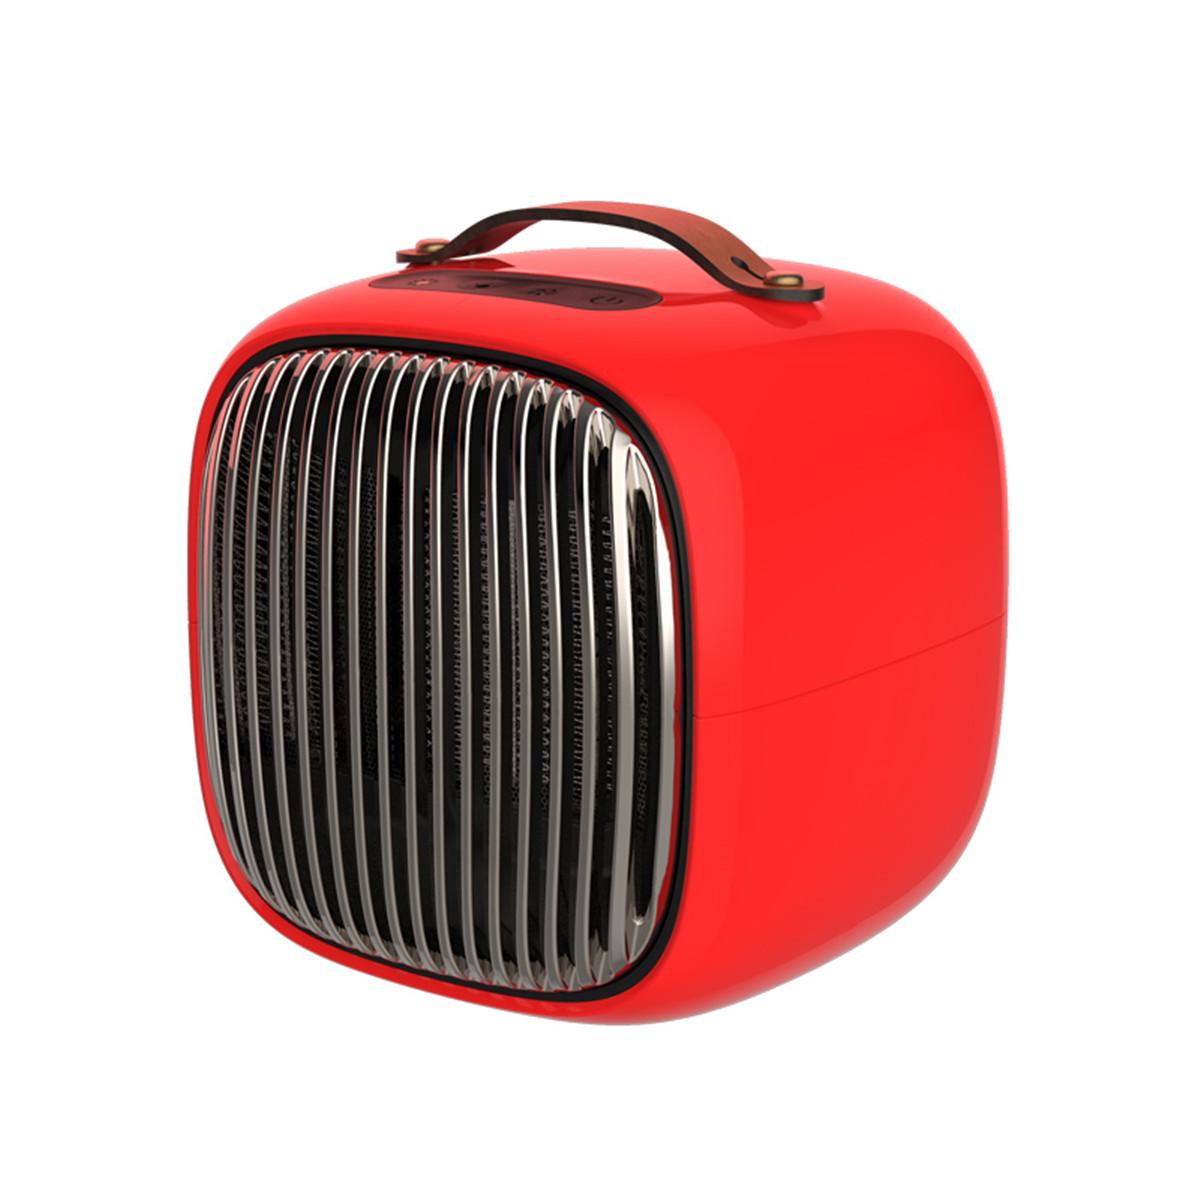 220V 1000W Портативный воздух Нагреватель Обогреватель вентилятора Черный / Белый / Красный / Оранжевый Защита от перегрева